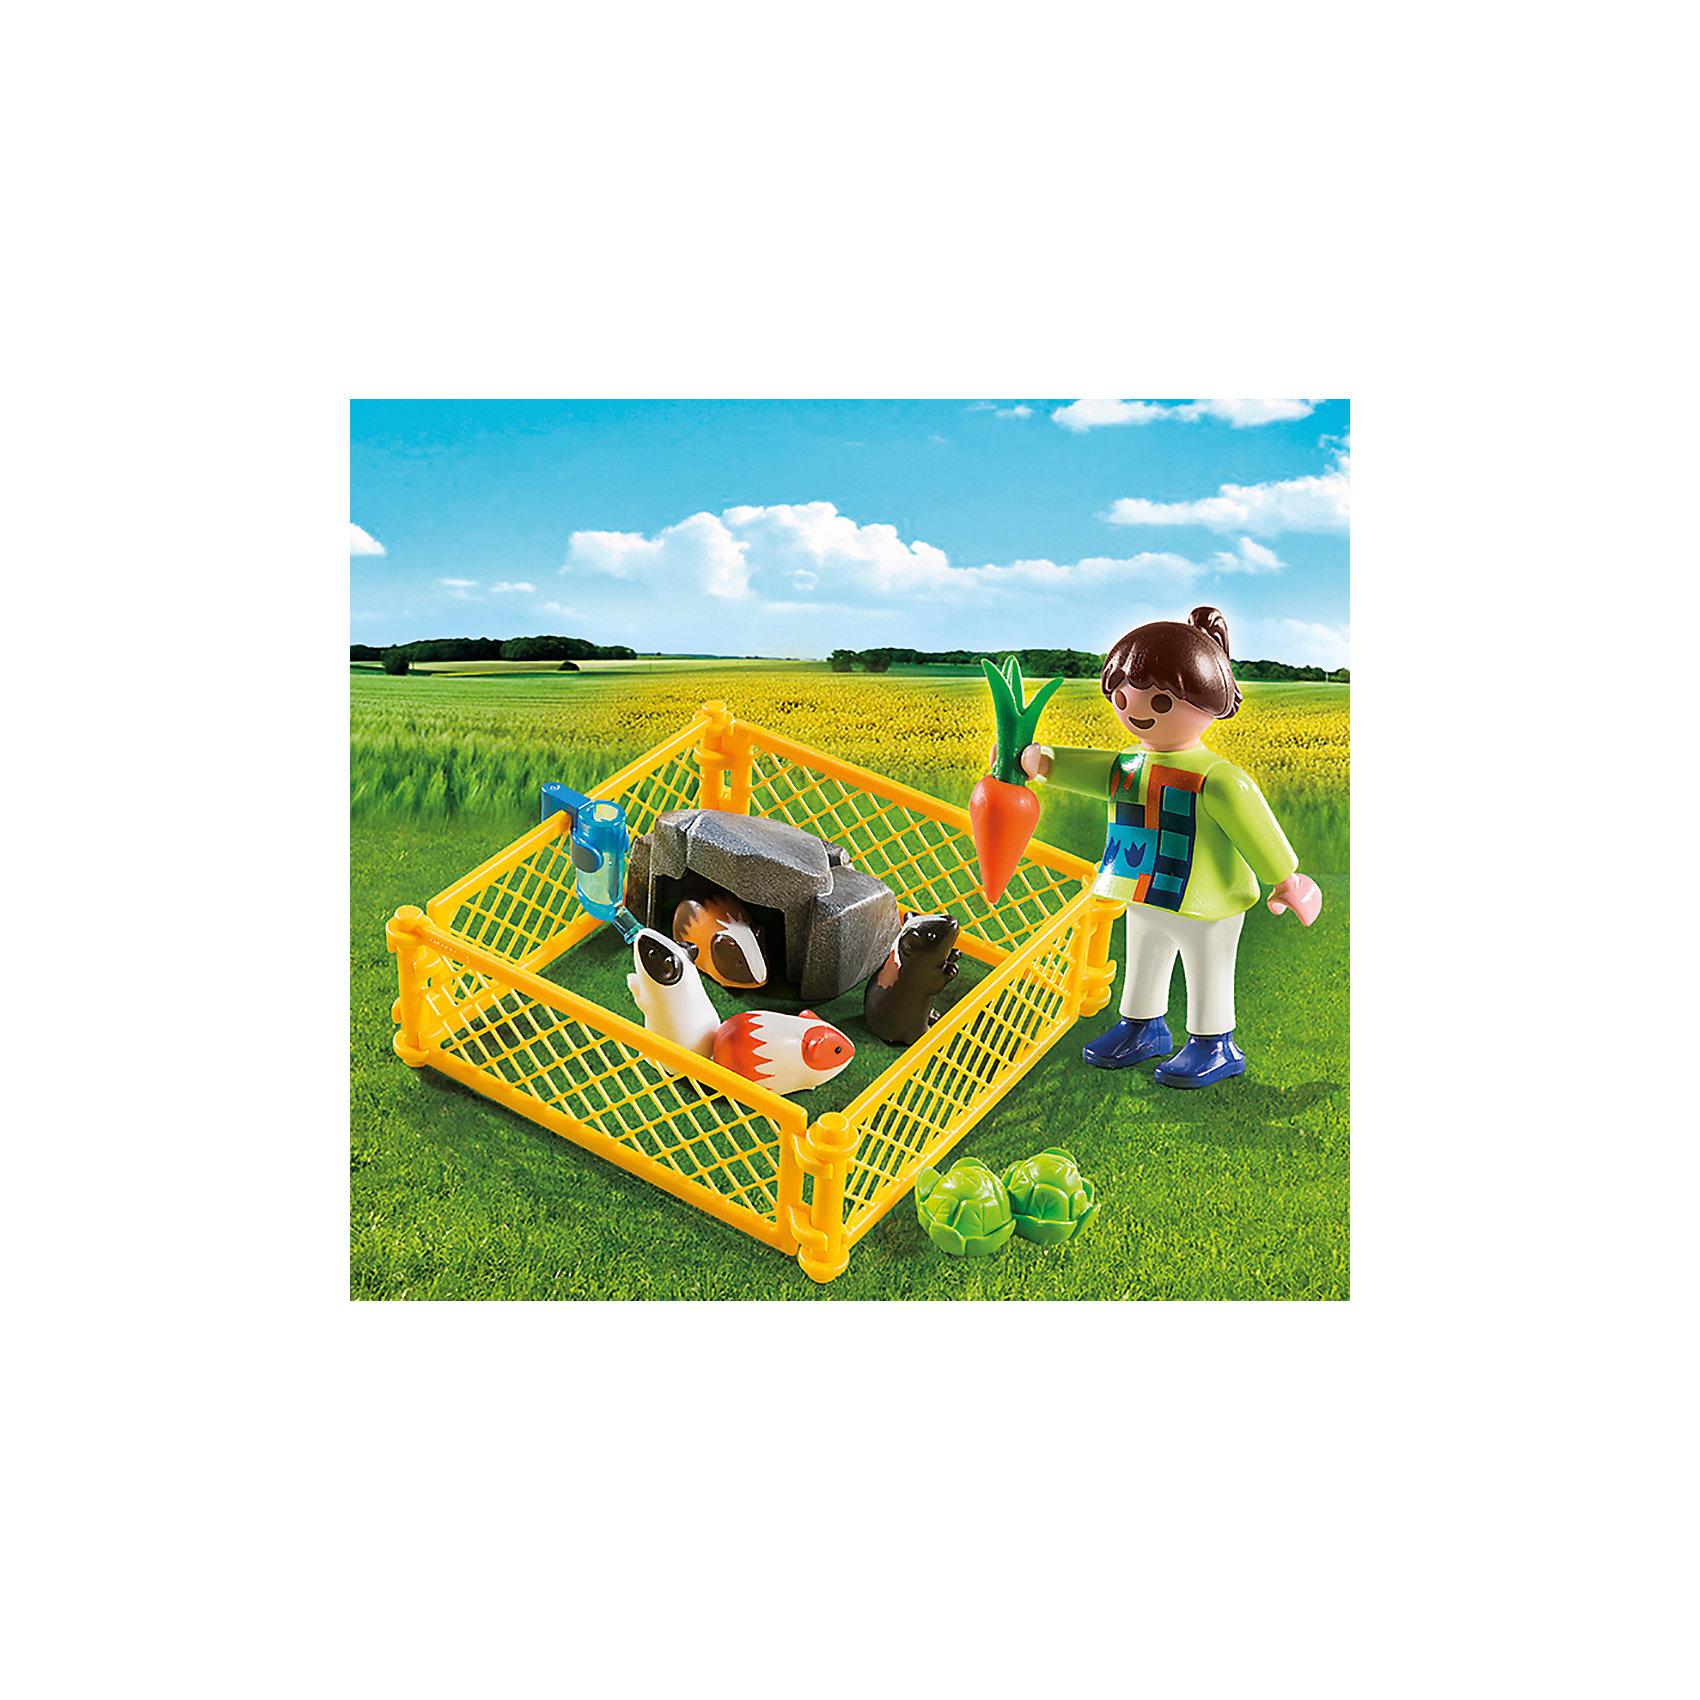 PLAYMOBIL® Экстра-набор: Девочка с морскими свинками, PLAYMOBIL playmobil® экстра набор викинг с сокровищами playmobil